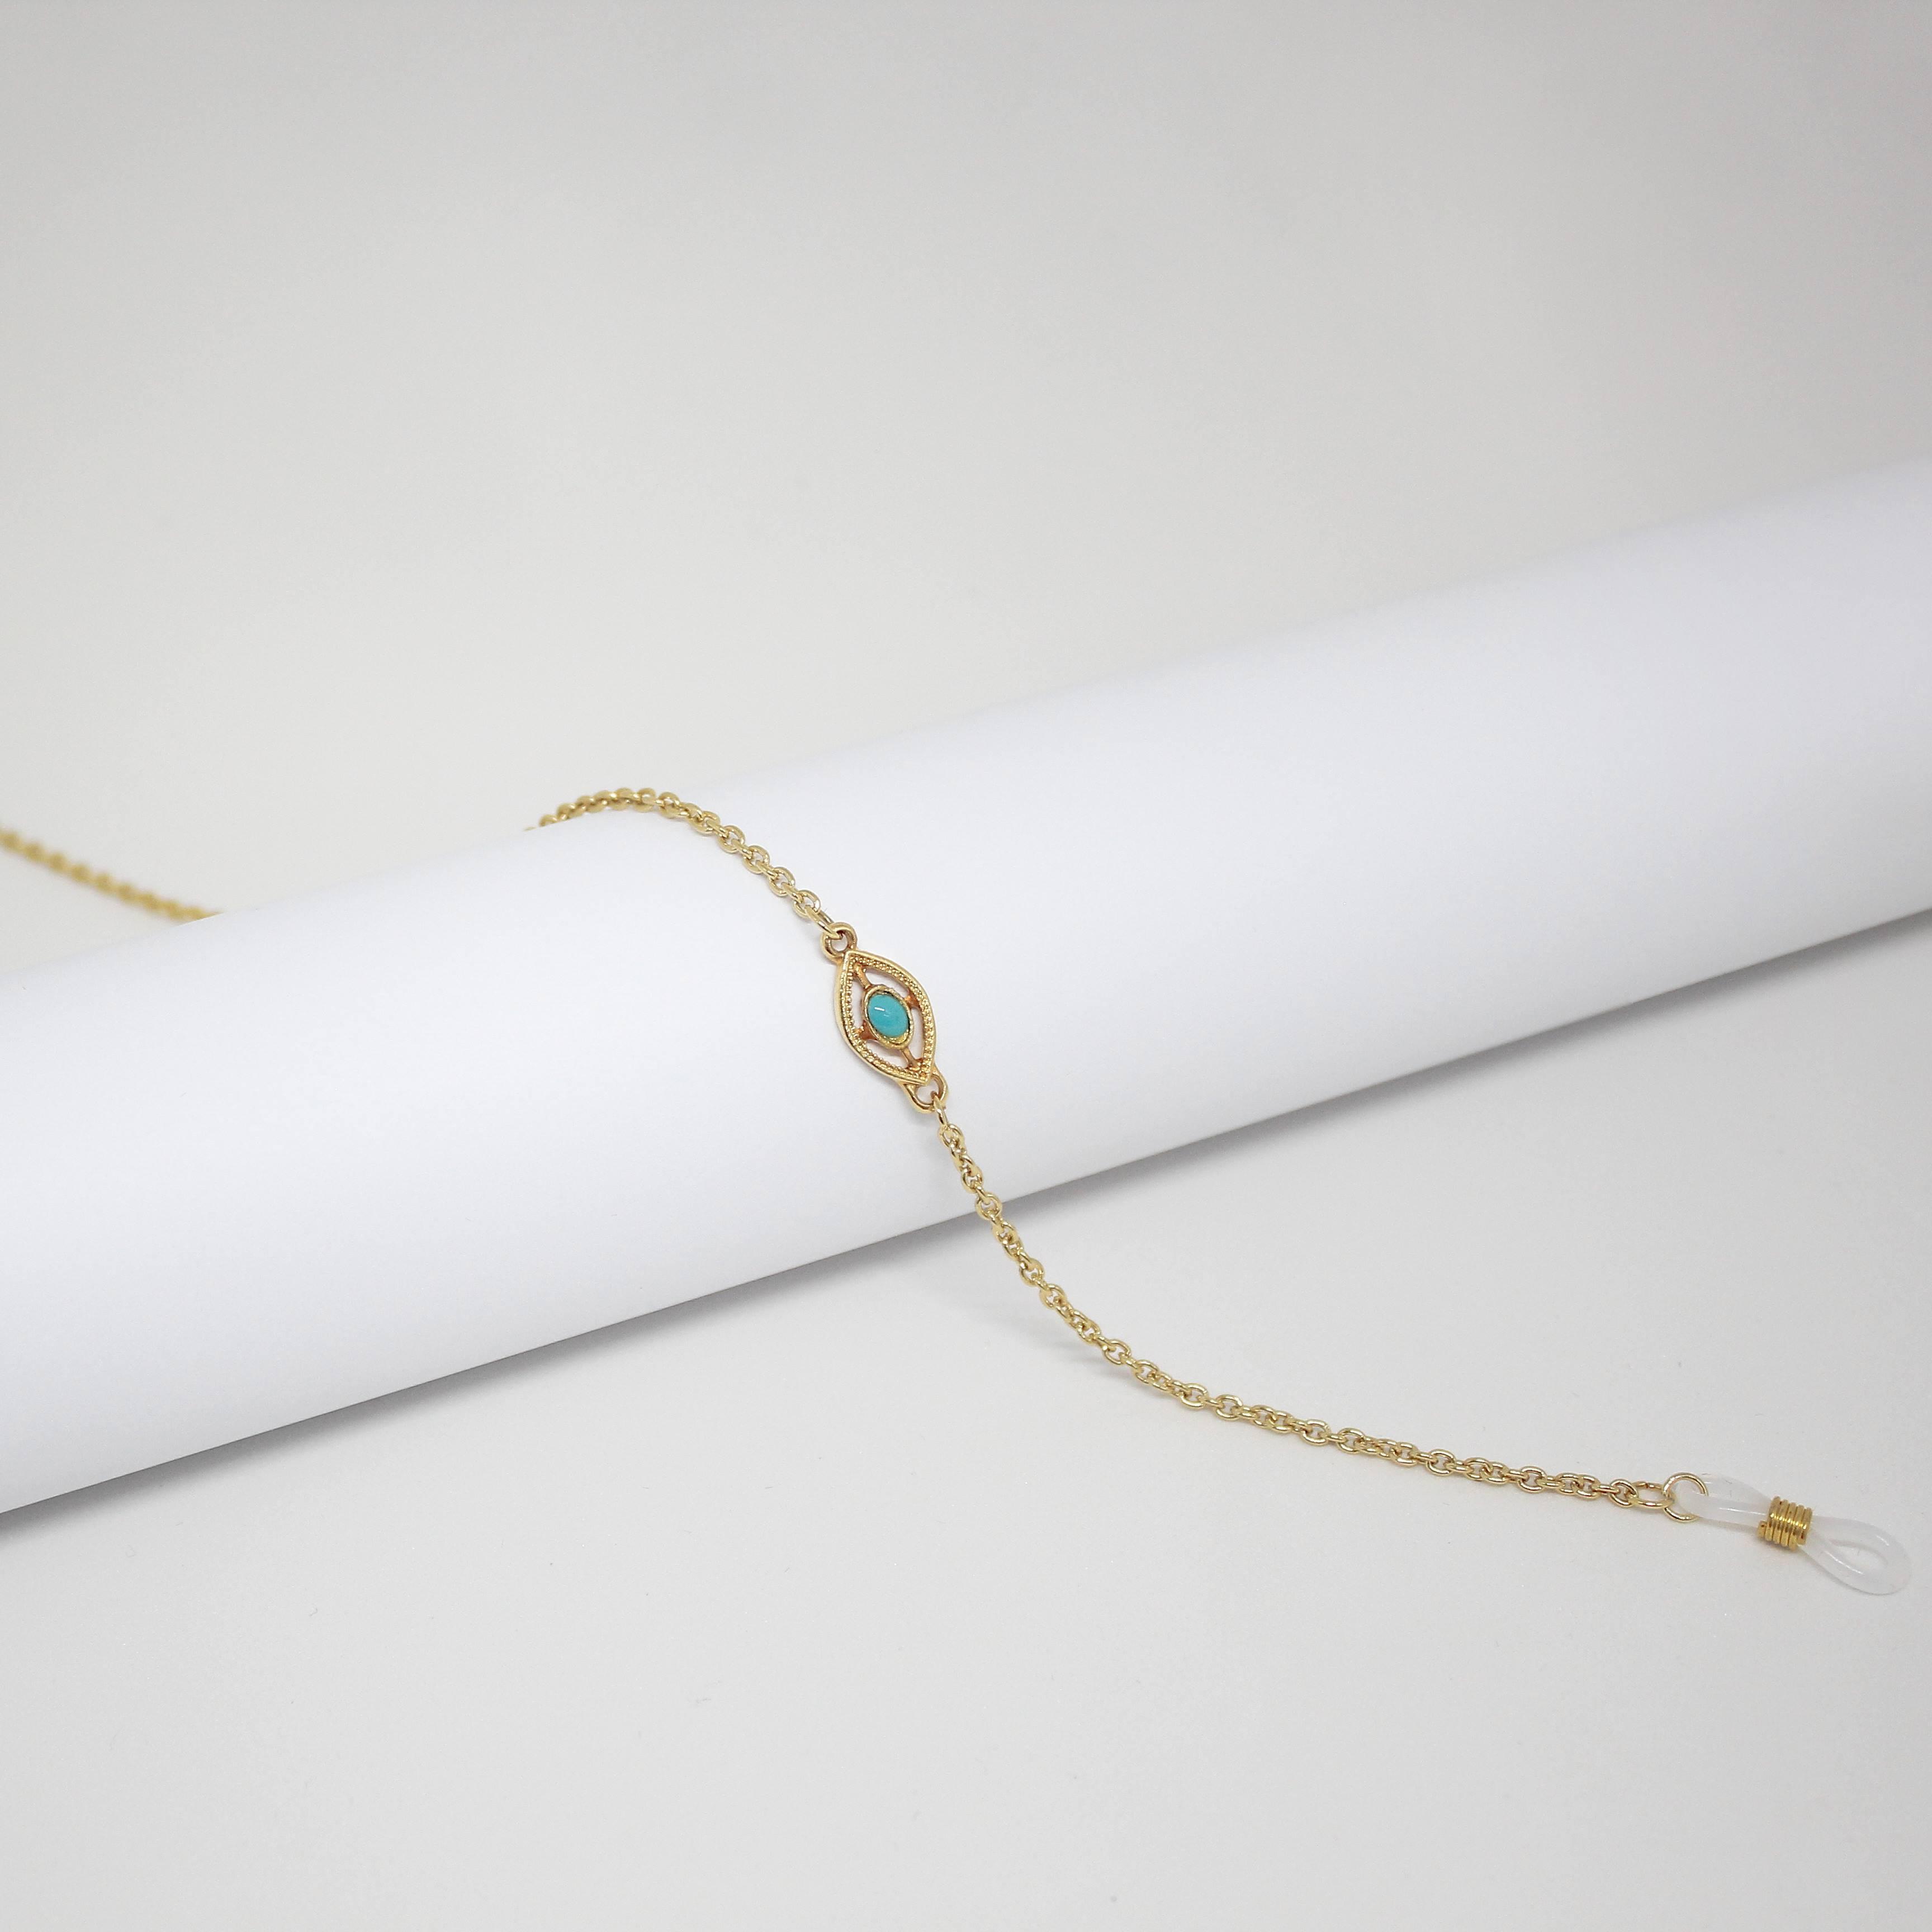 16161171 - Corrente Cadeada Ouro/Olho Egipcio Azul - Contém 3 Peças